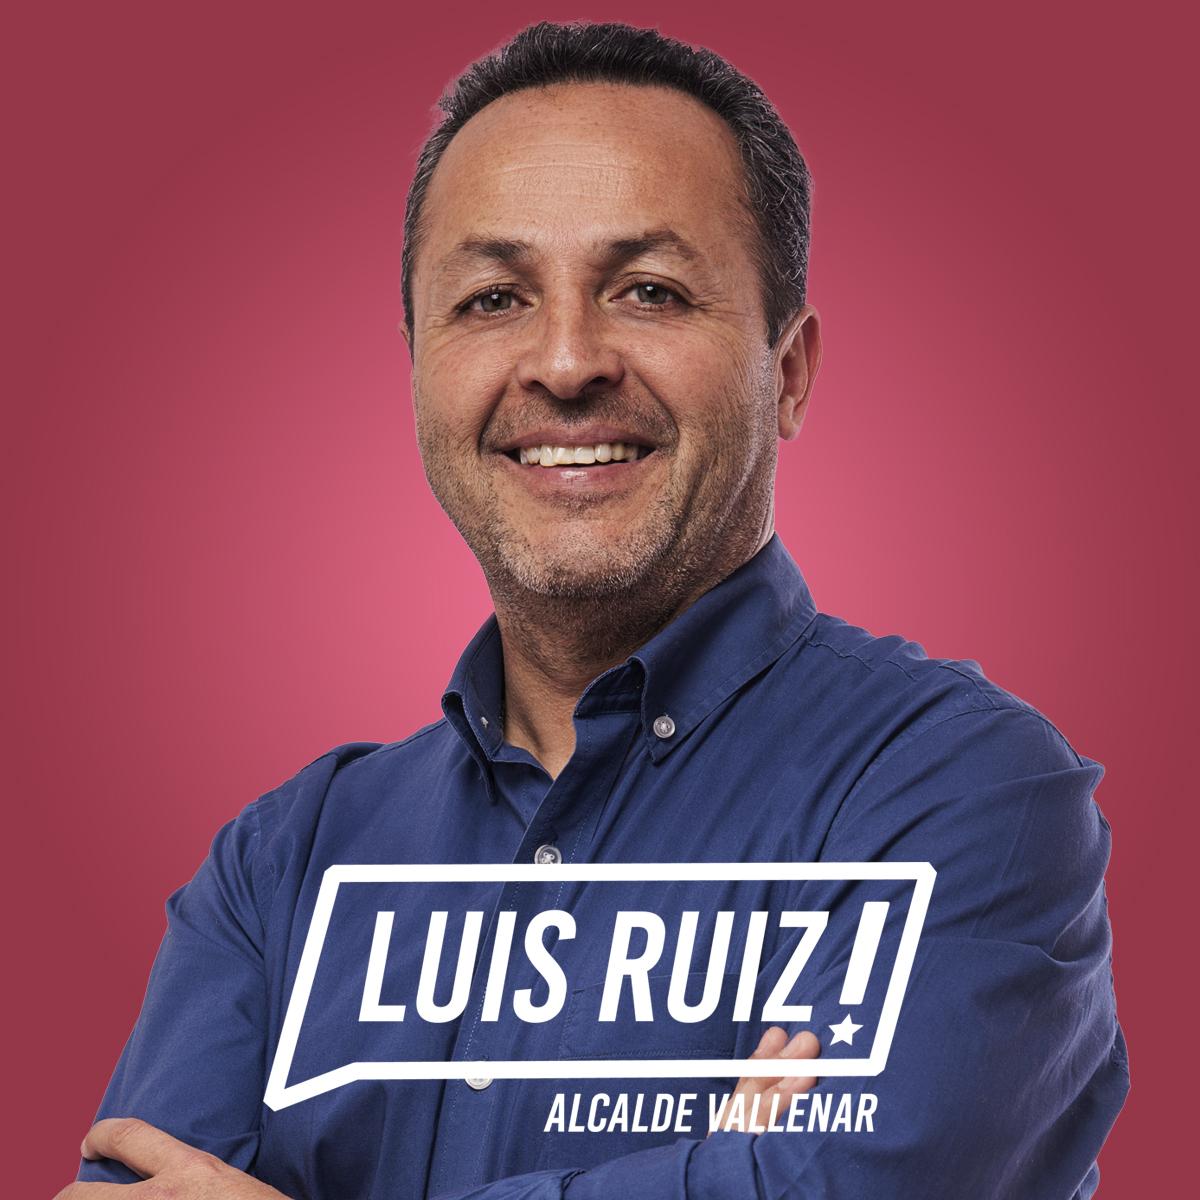 """Luis Ruiz Valenzuela, precandidato del PPD a alcalde por Vallenar: """"La ciudadanía demanda puertas abiertas, más participación activa, pero informada"""""""